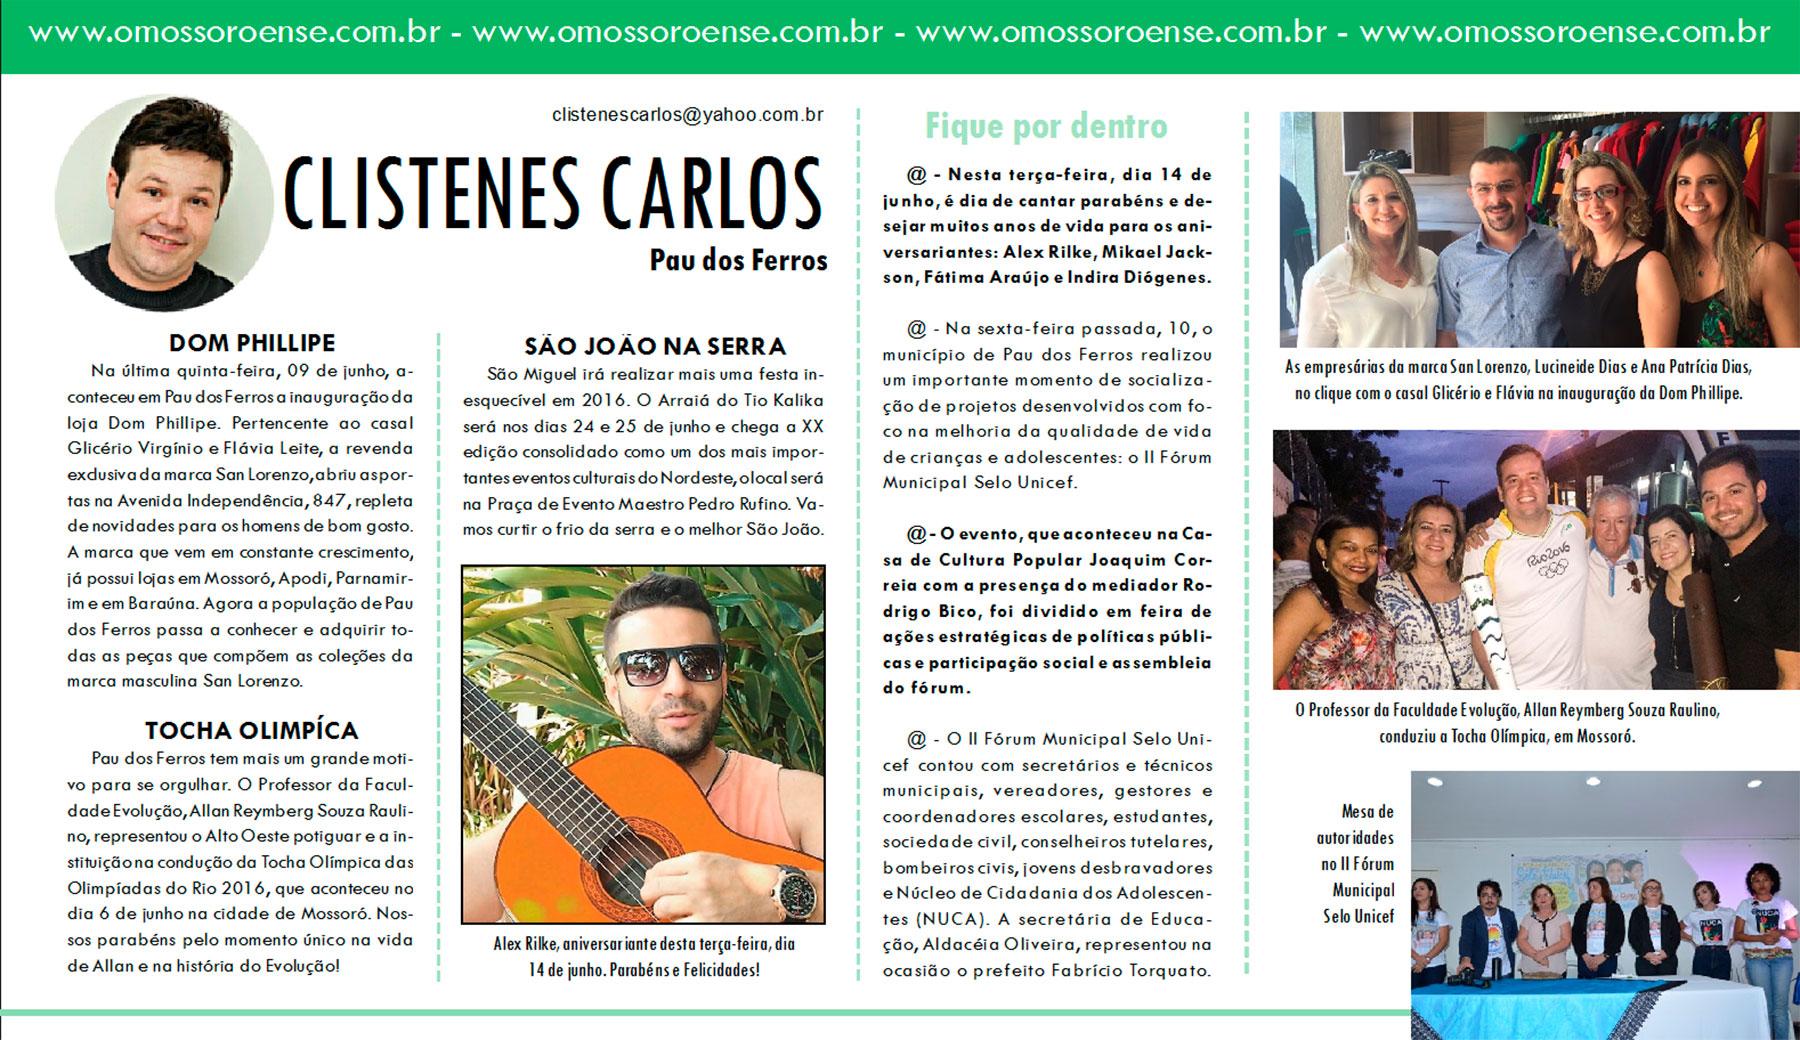 CLISTENES-CARLOS-14-06-2016